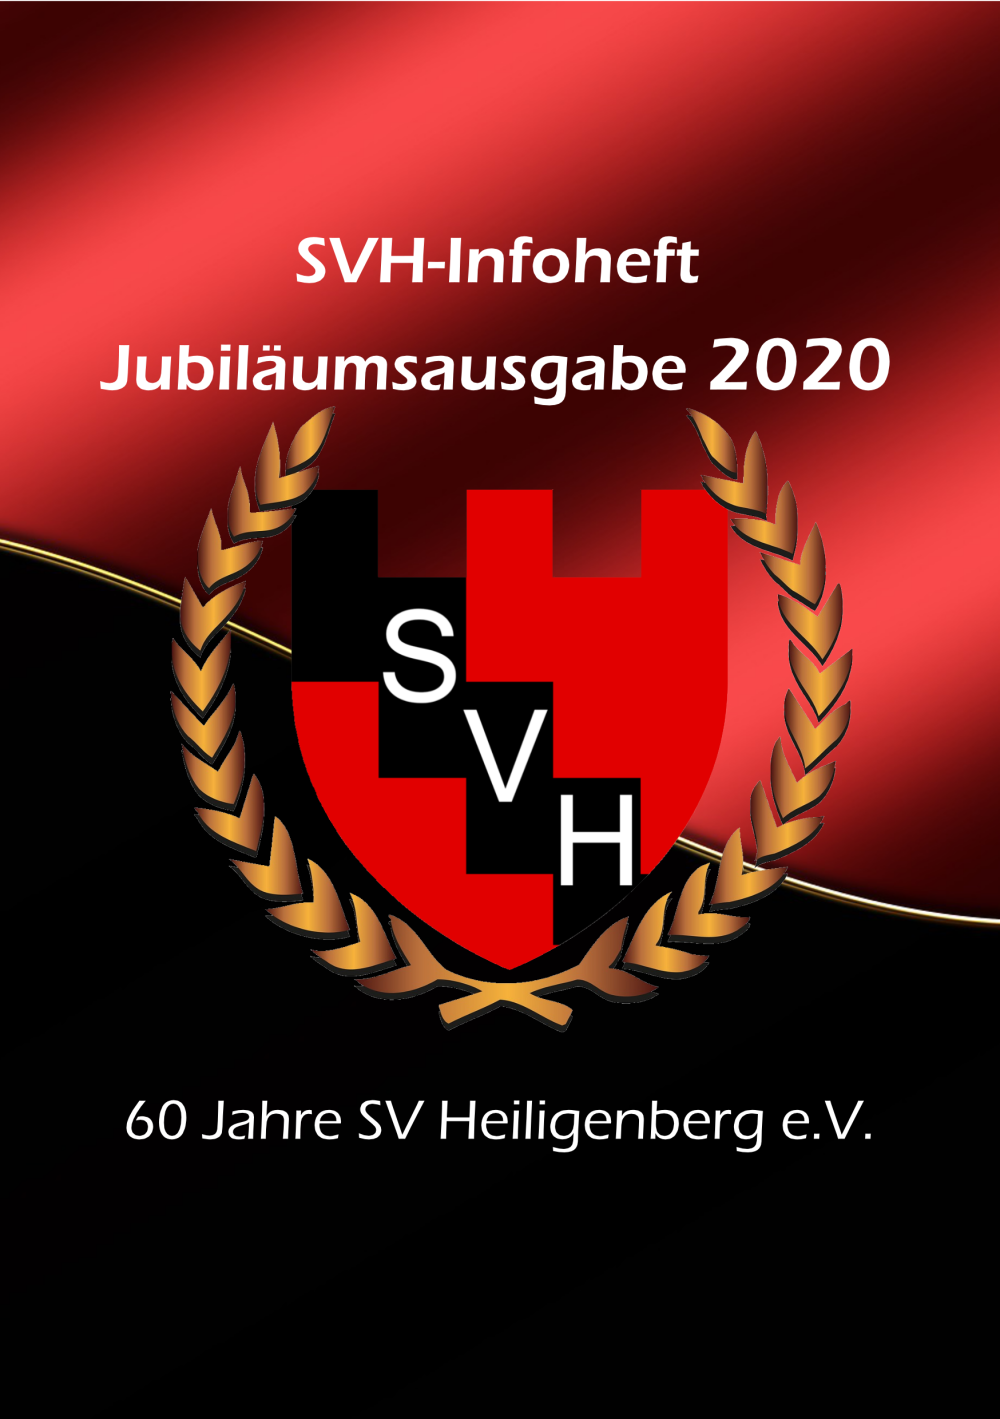 SVH-Infoheft_Jubilum2020-Seite001.png